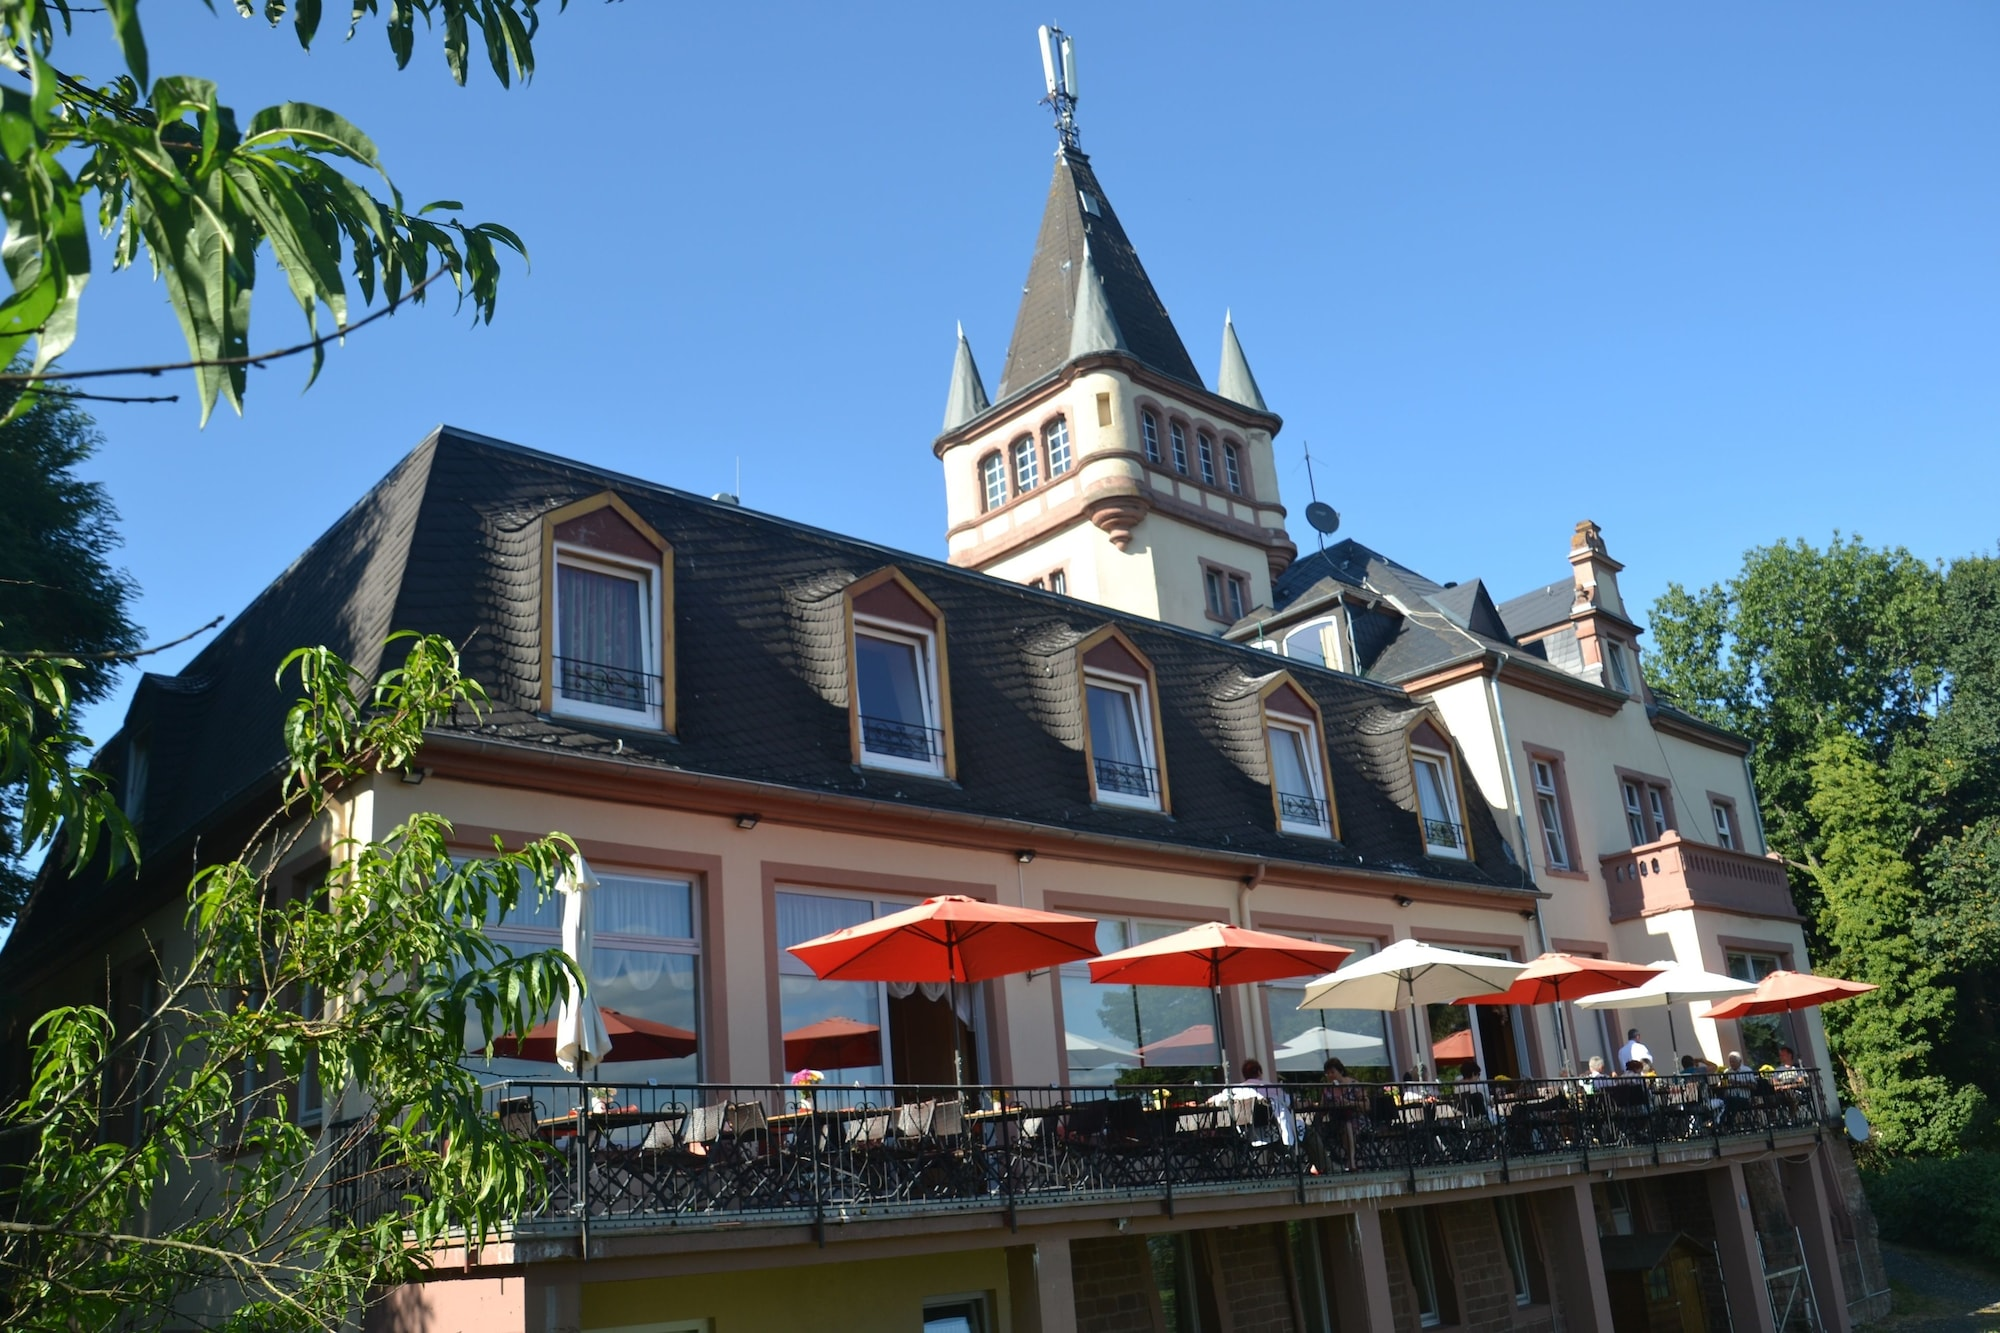 Berghotel Kockelsberg, Trier